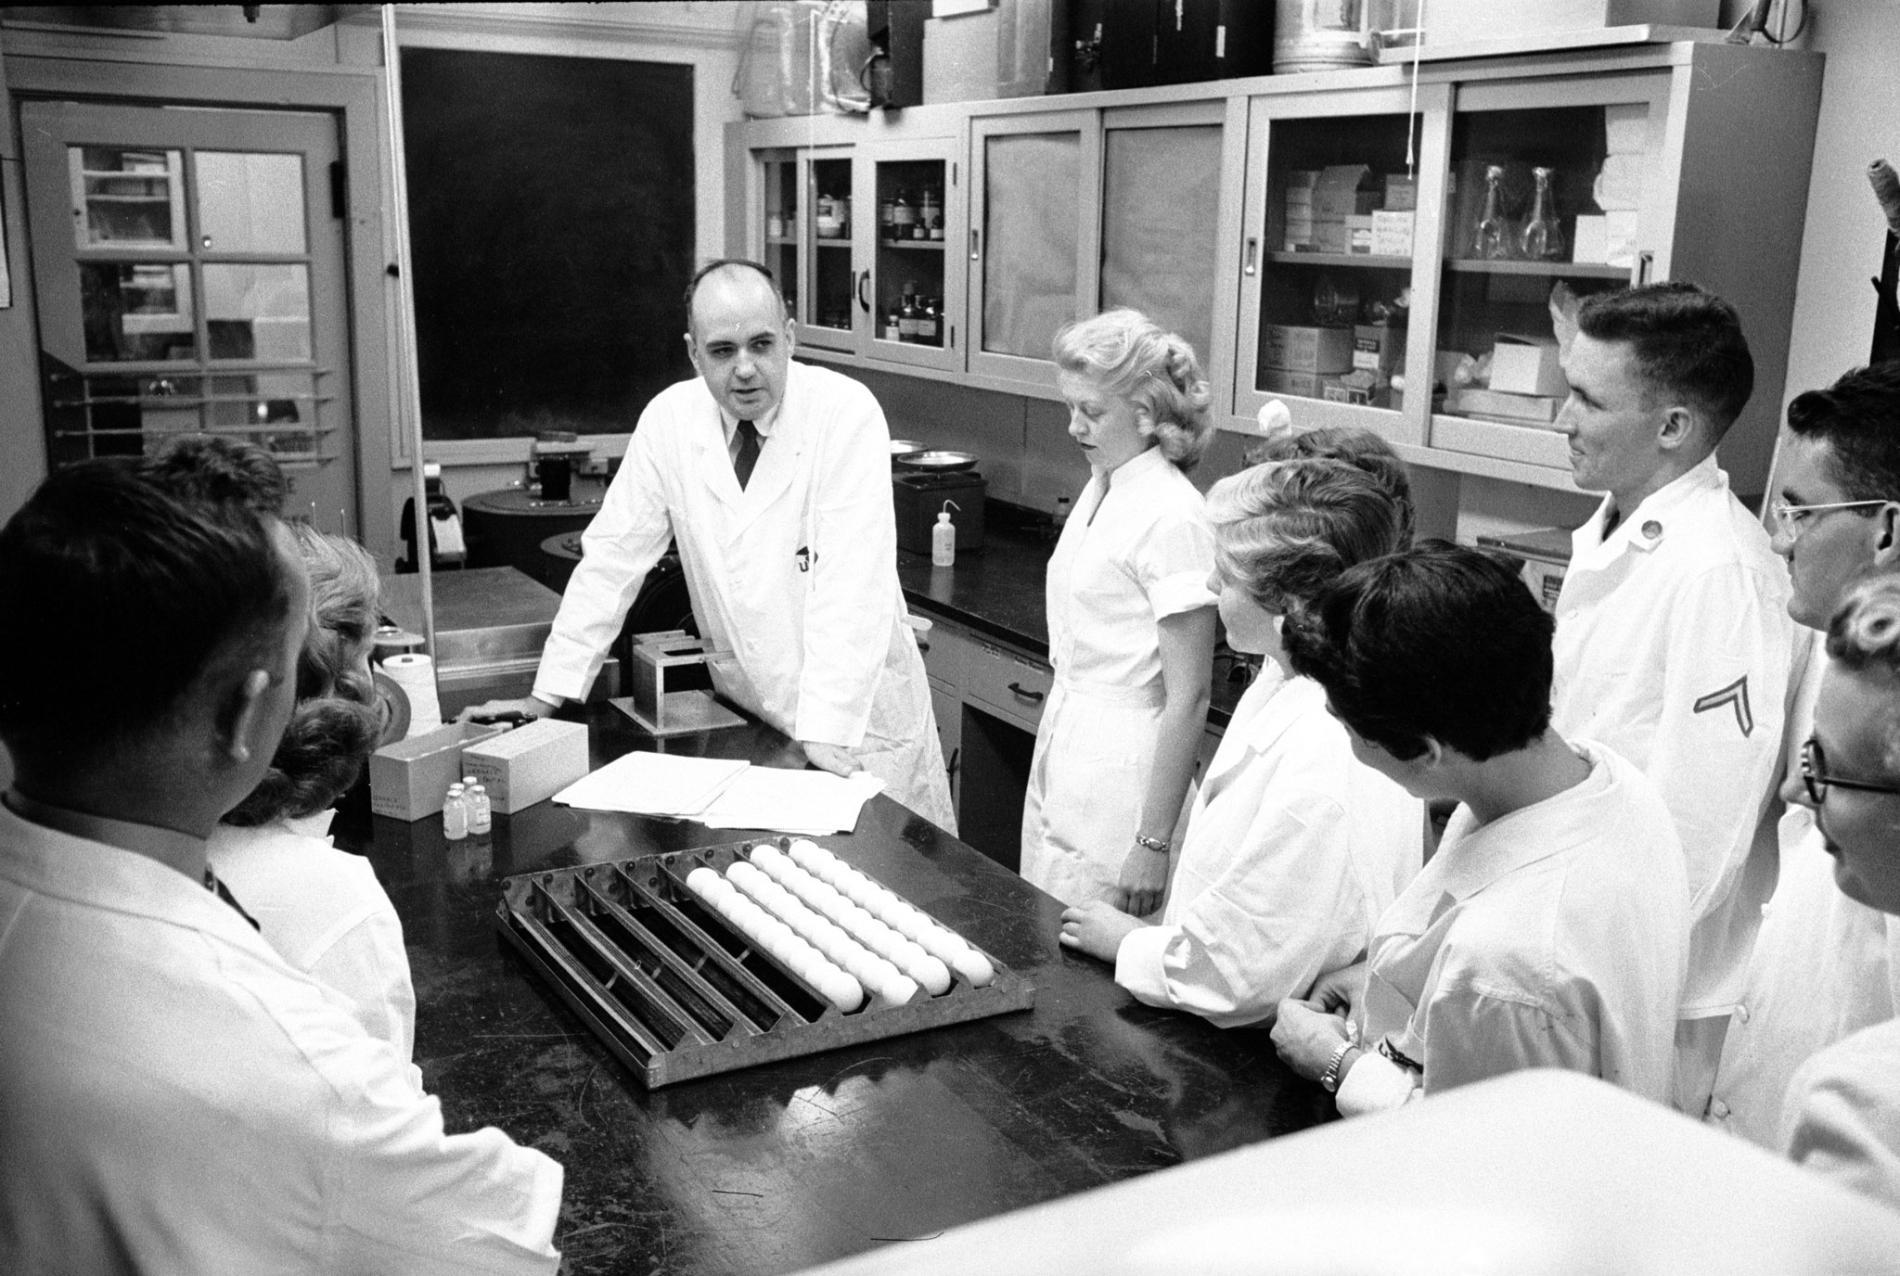 1957年,在華特.里德陸軍醫學研究院的病毒學家莫里斯.希爾曼及研究團隊。那一年,希爾曼和他的團隊將辨識並開發出4000萬劑的疫苗,對抗來自香港的流感病毒。PHOTOGRAPH BY ED CLARK, THE LIFE PICTURE COLLECTION/GETTY